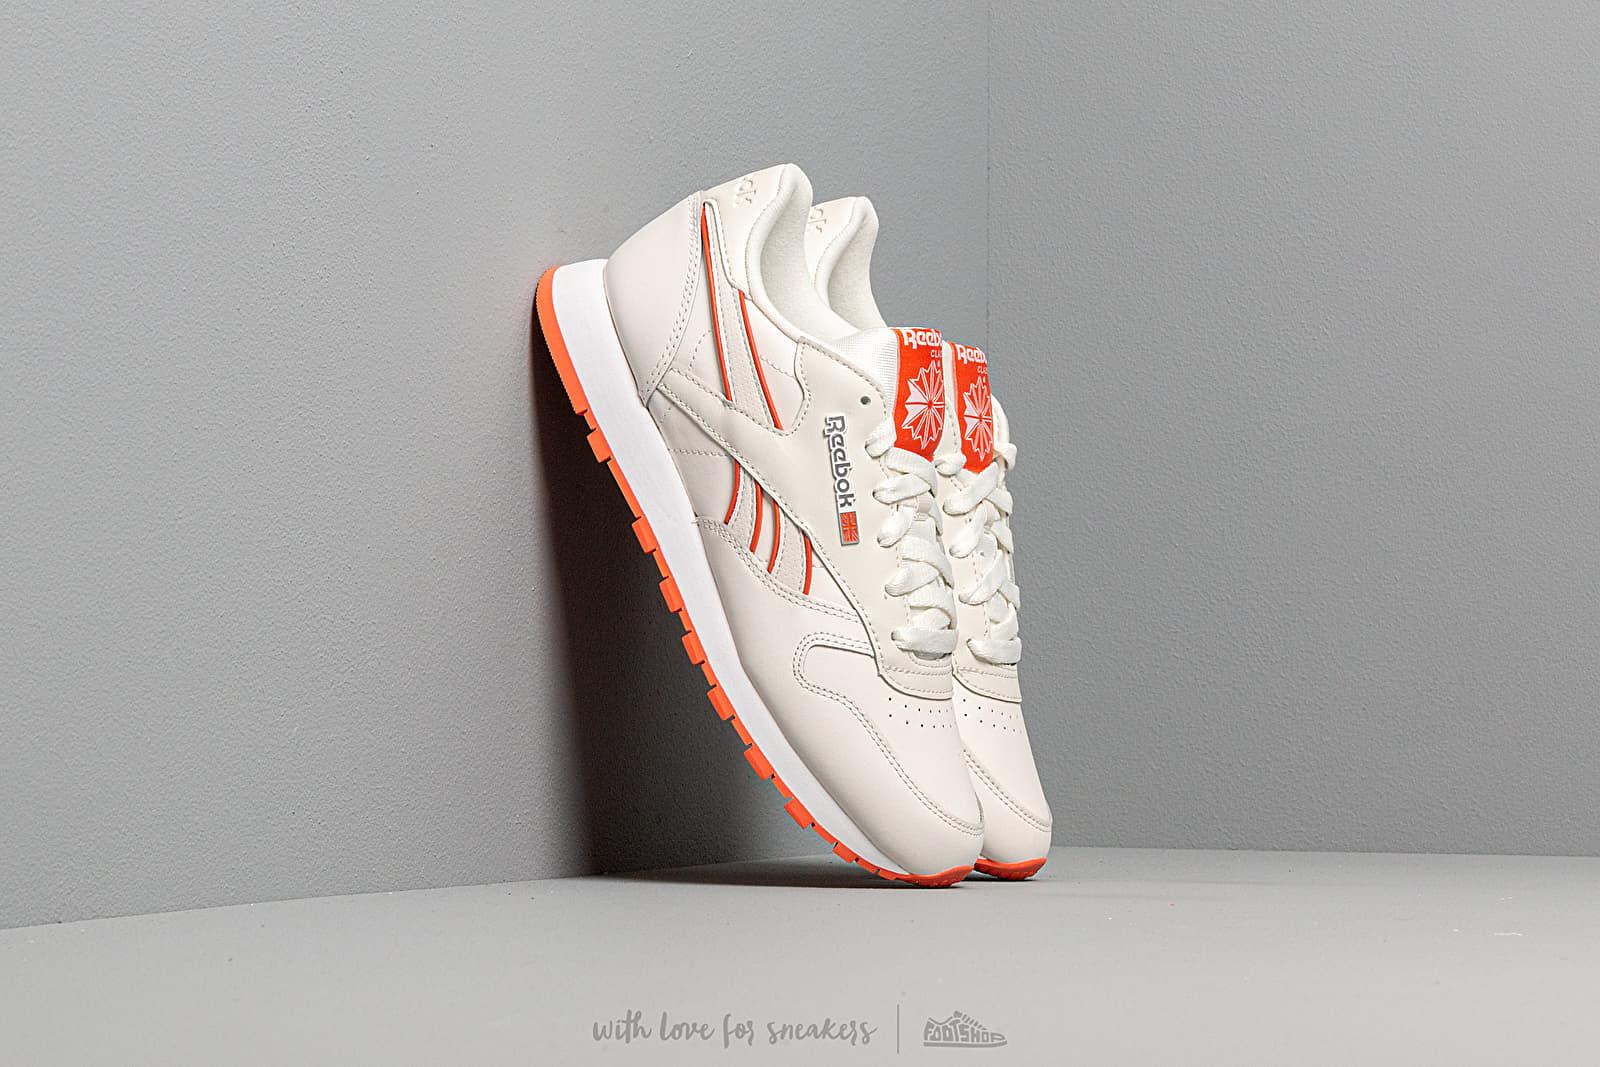 Dámské tenisky a boty Reebok CL Leather Chalk/ Fiery Orange/ White